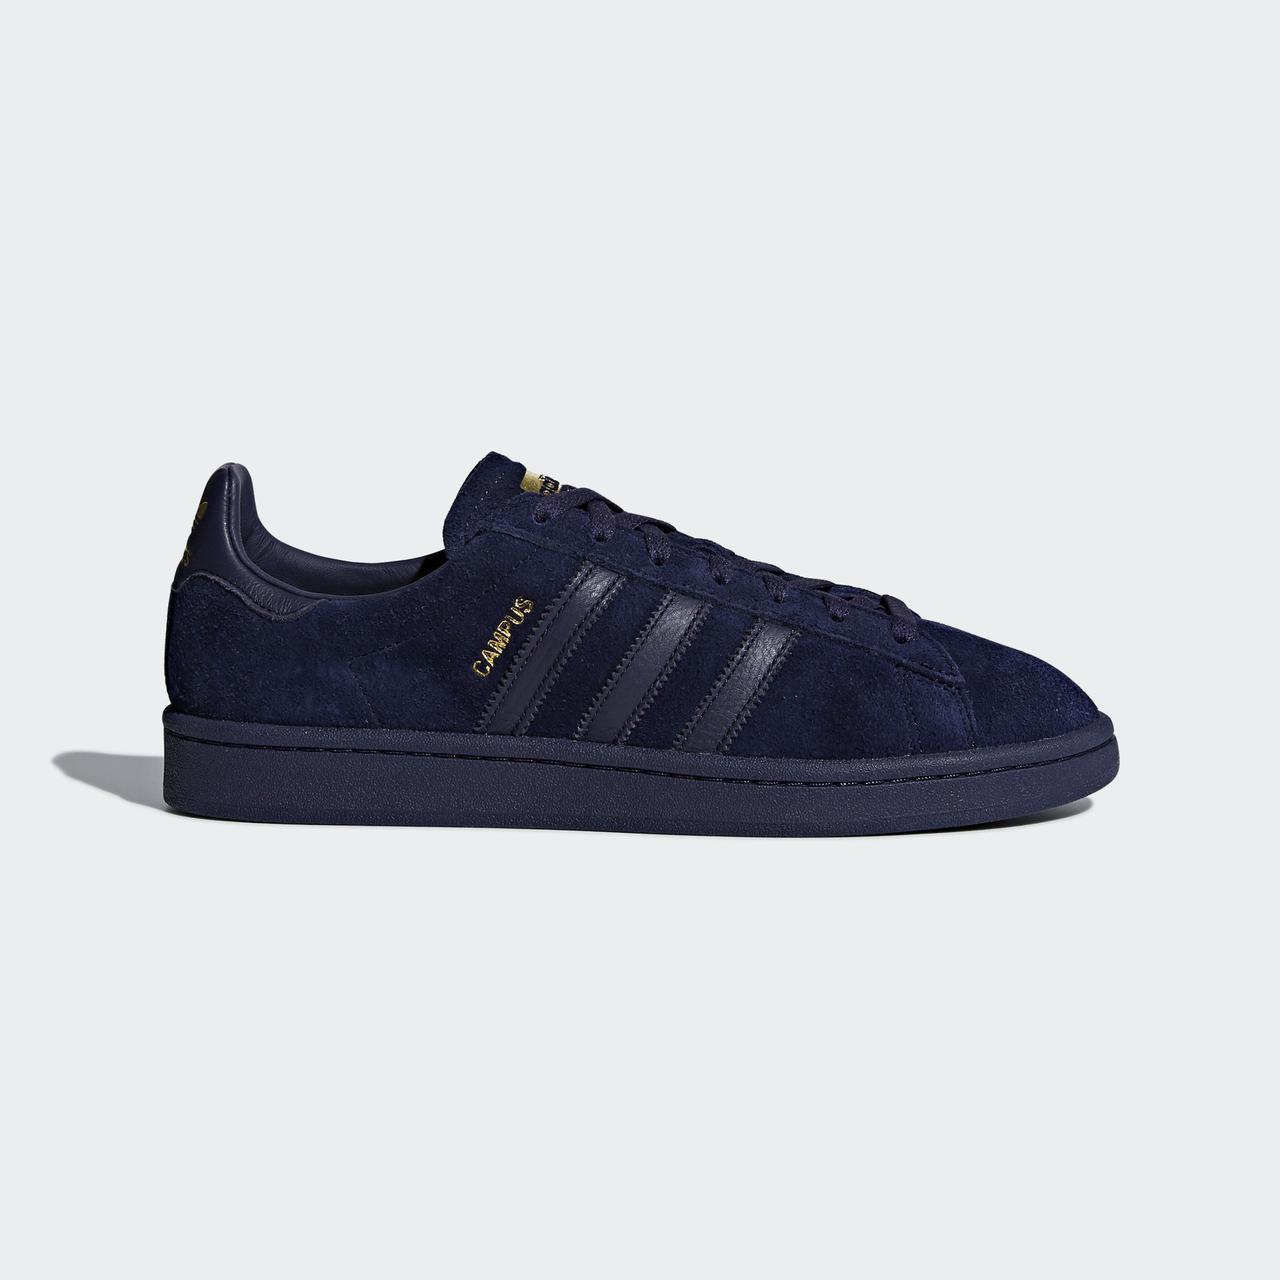 09844309 Мужские кроссовки Adidas Originals Campus (Артикул: CQ2045) -  Интернет-магазин «Эксперт